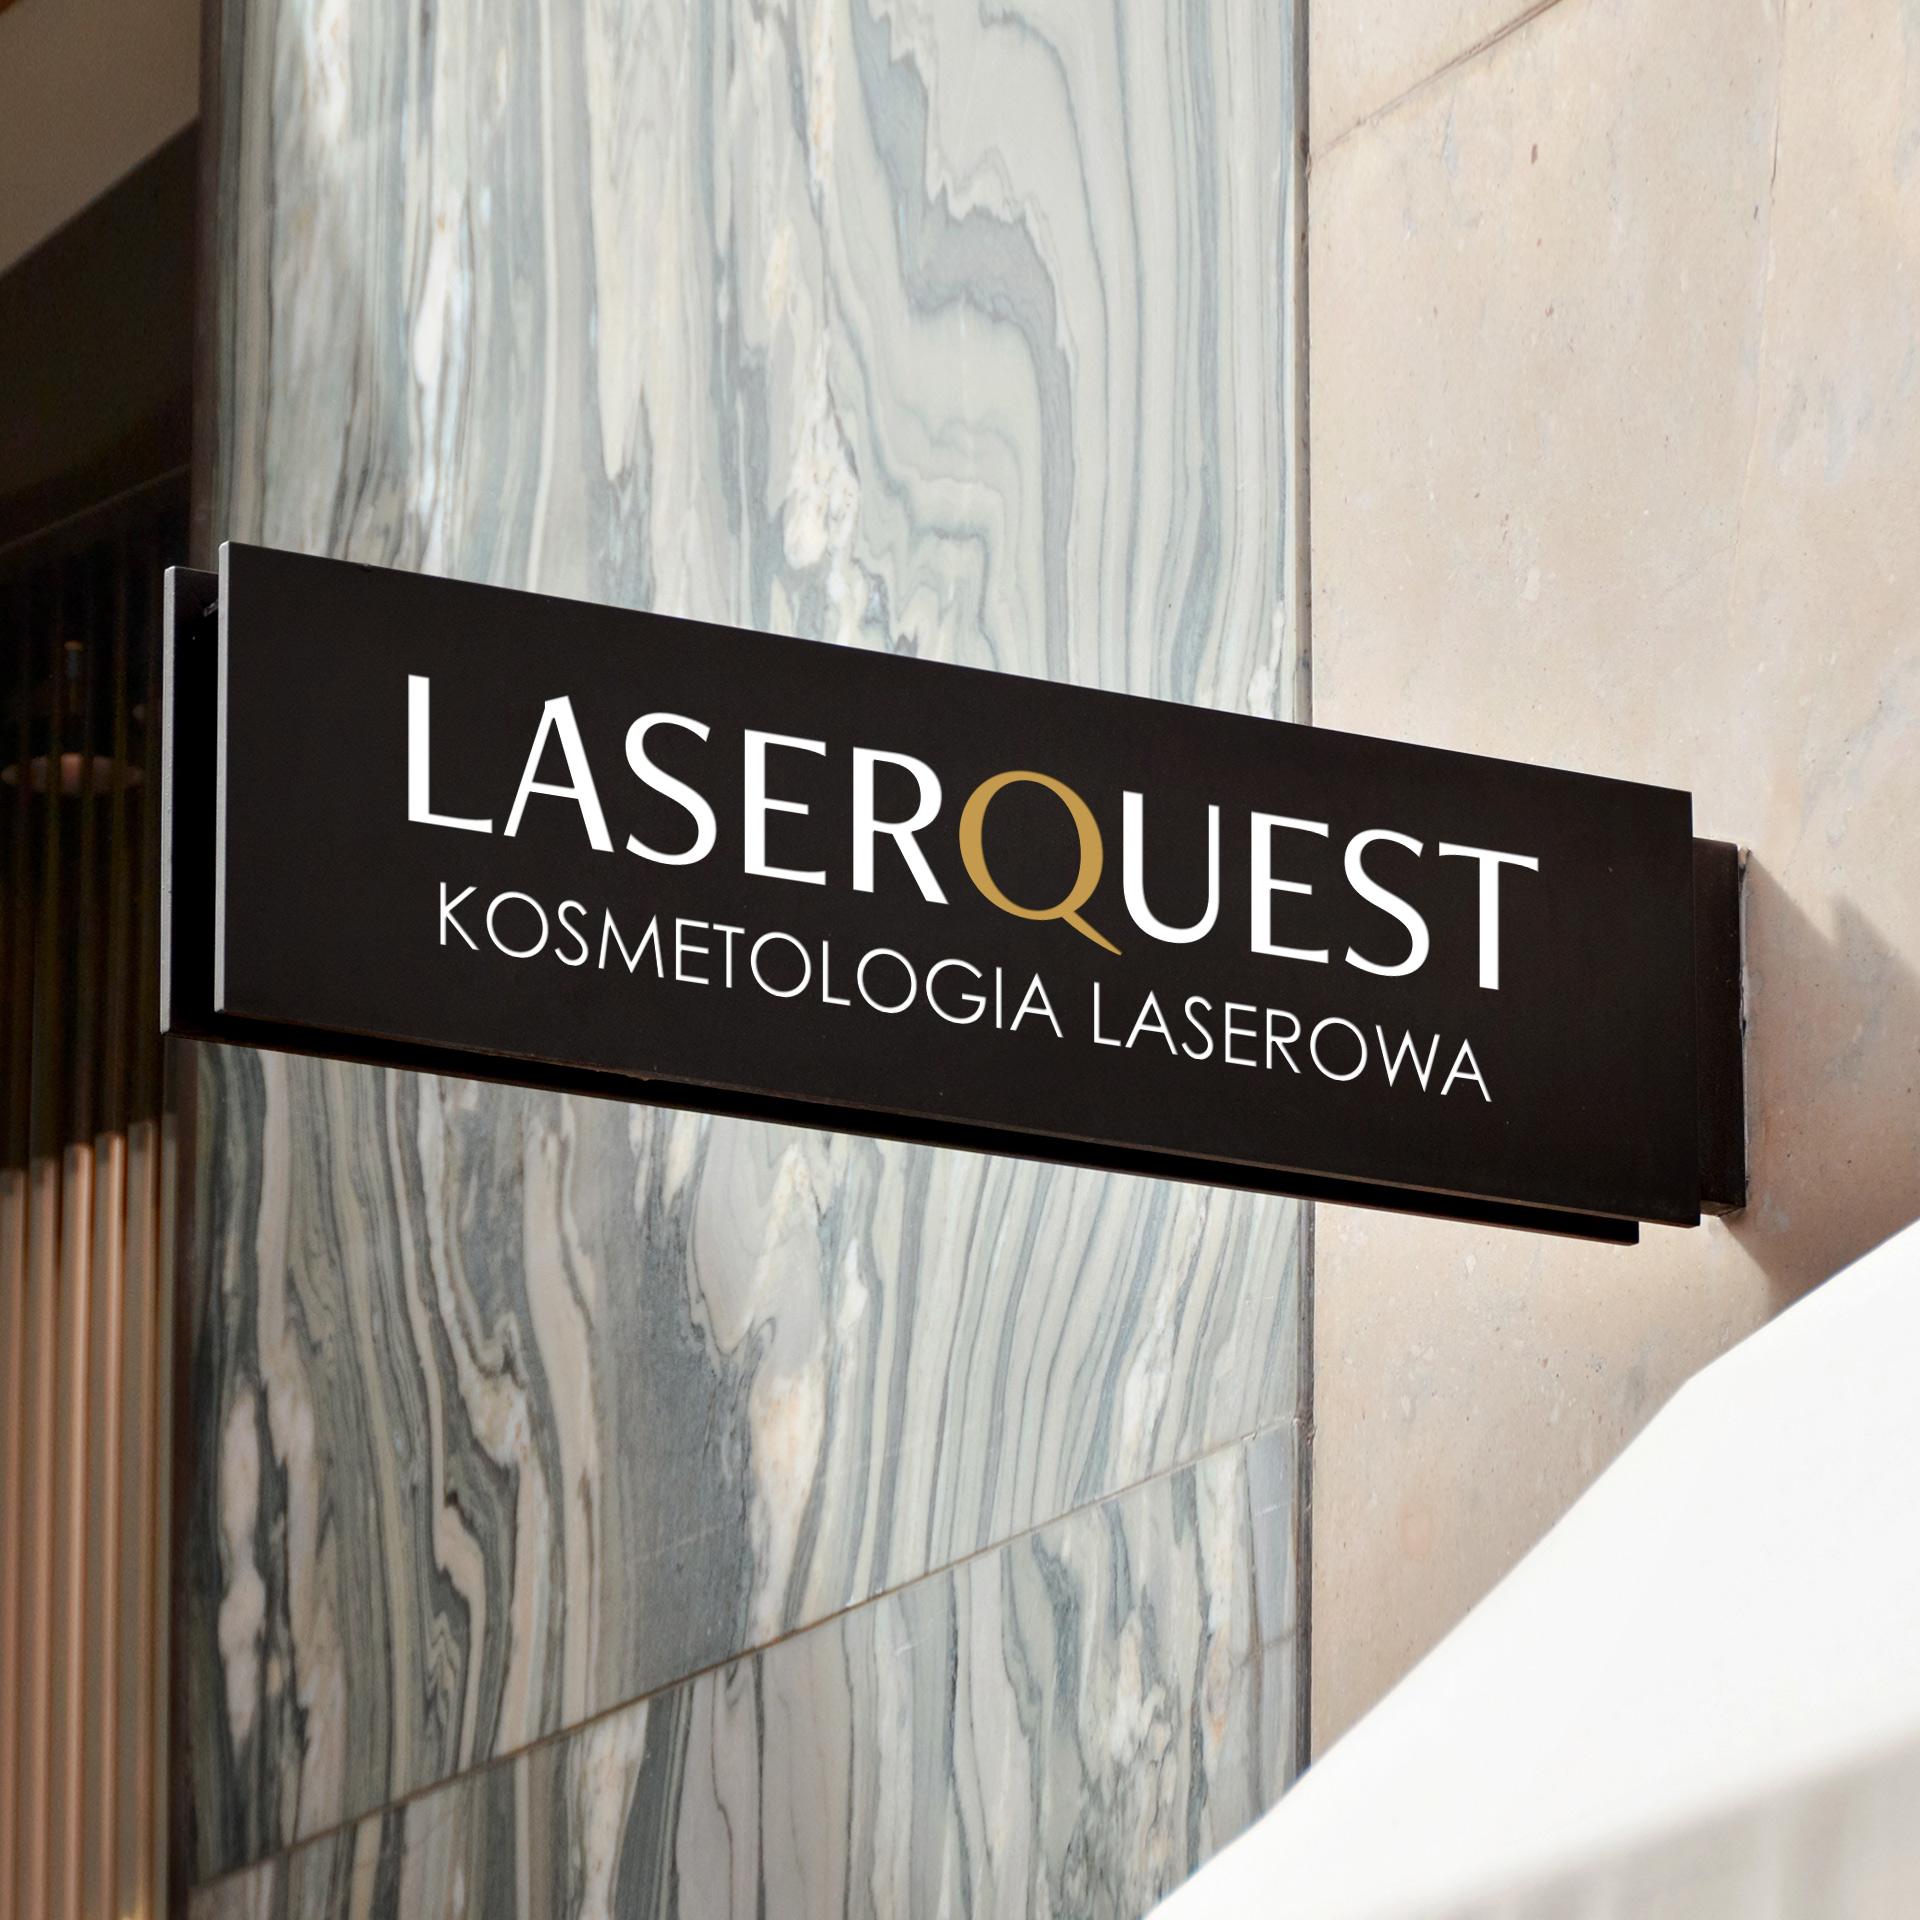 Wizualizacja projektu graficznego baneru dla kosmetologa Laserquest